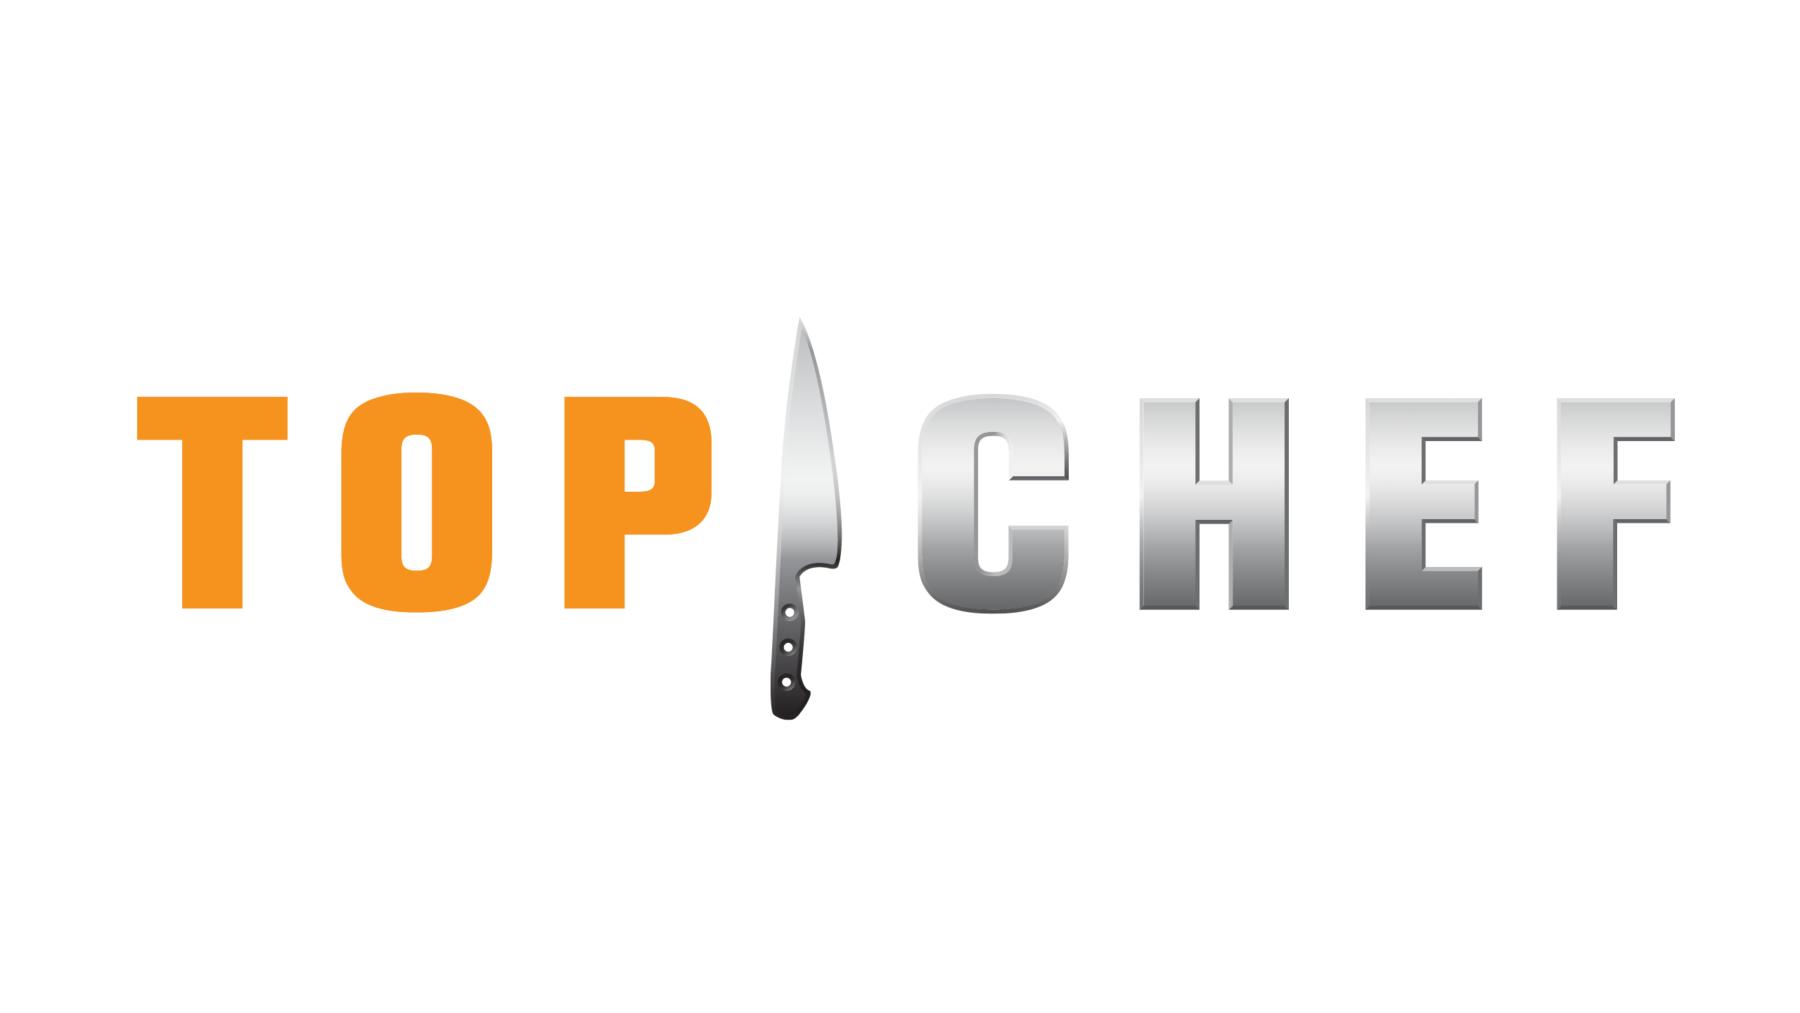 Έρχεται το Top Chef και μας φέρνει πρόσωπα από το MasterChef και το Hell's Kitchen (φωτογραφίες)